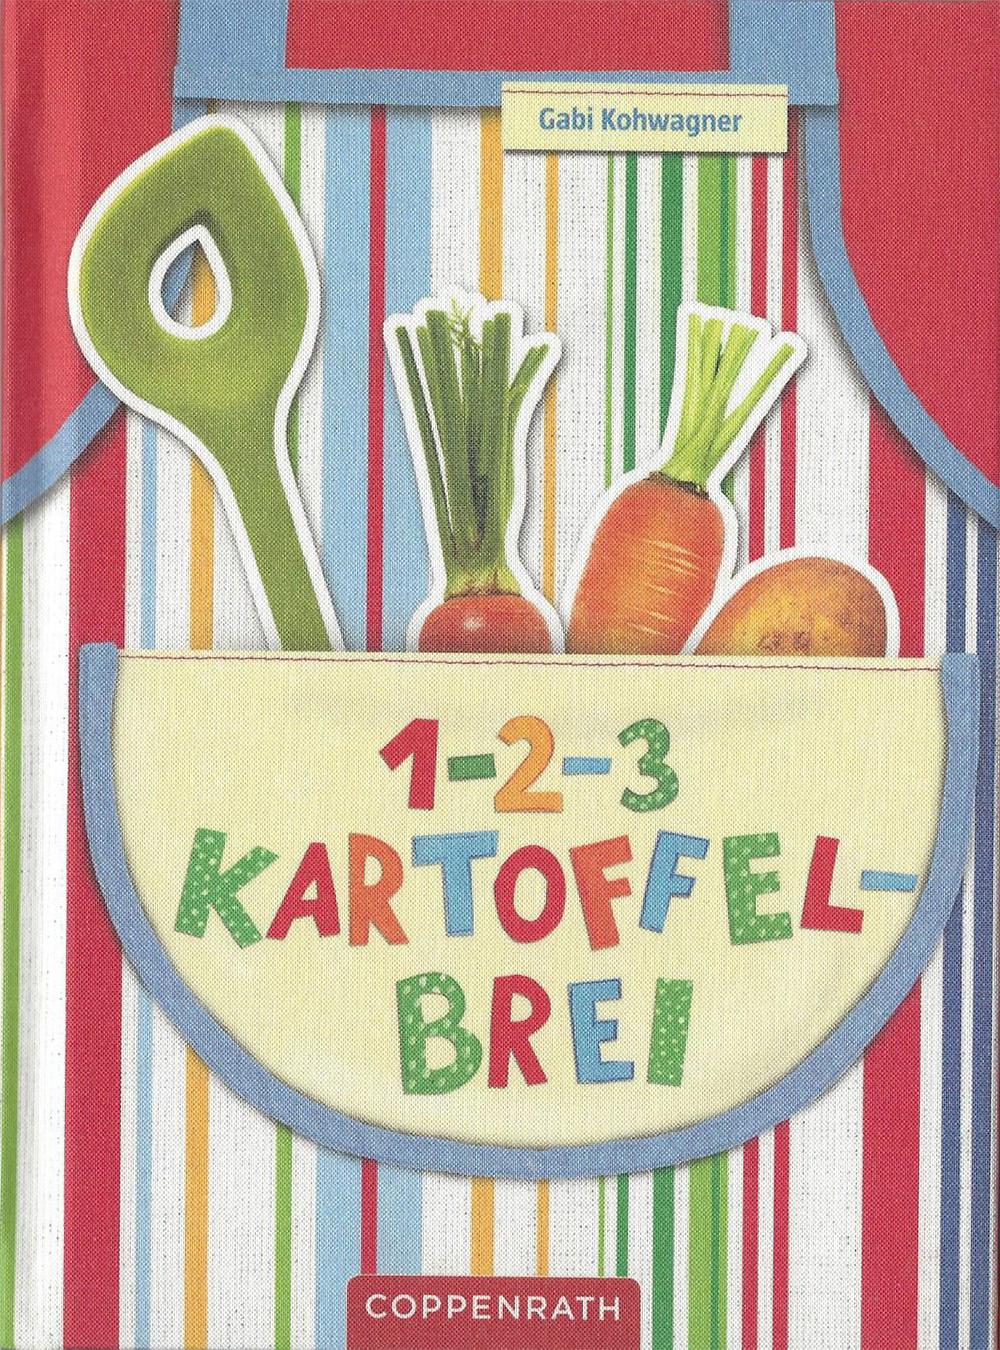 1-2-3 Kartoffelbrei